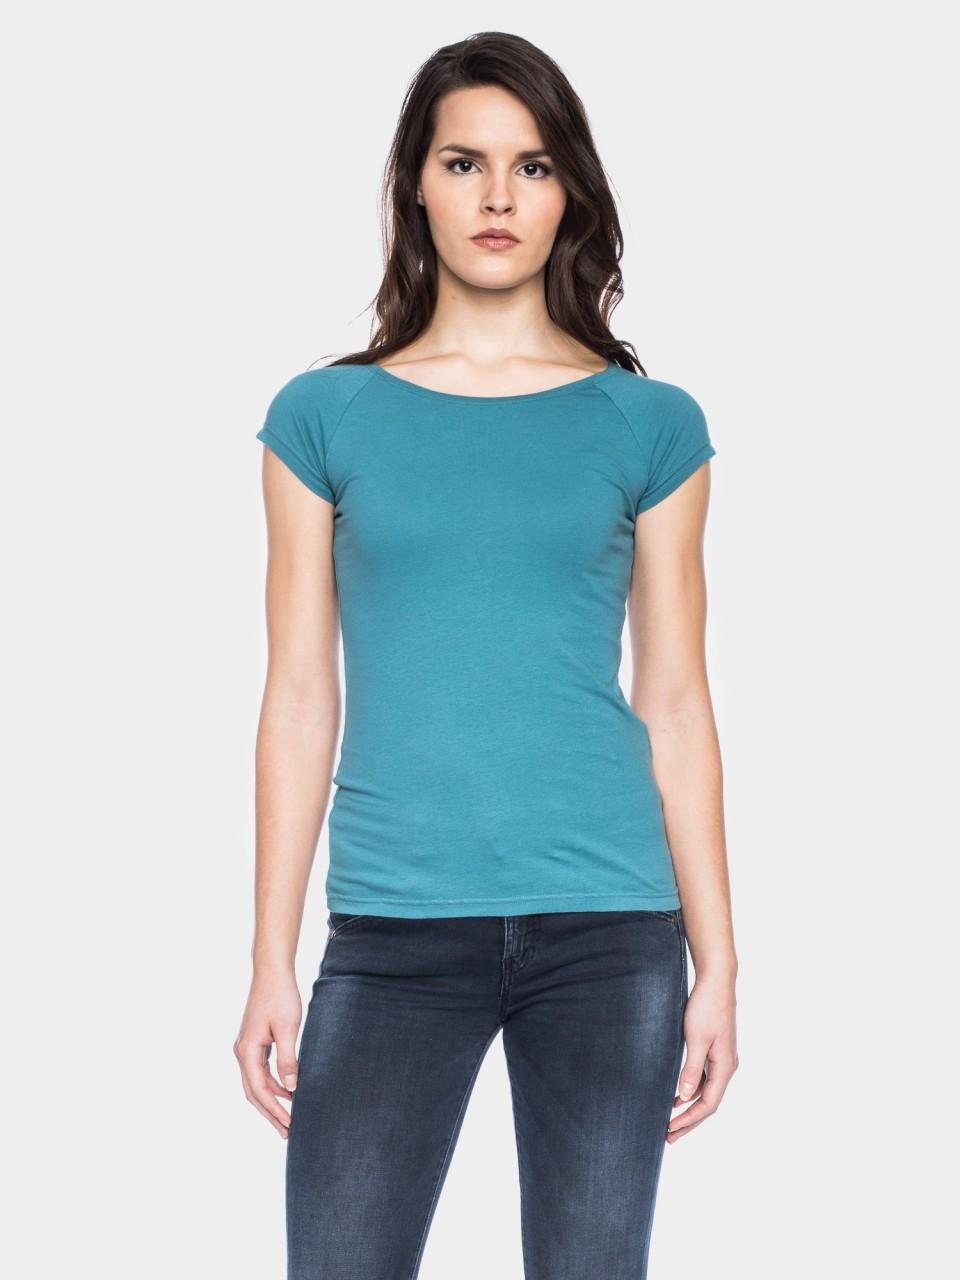 T-Shirt Fini OC TEAL